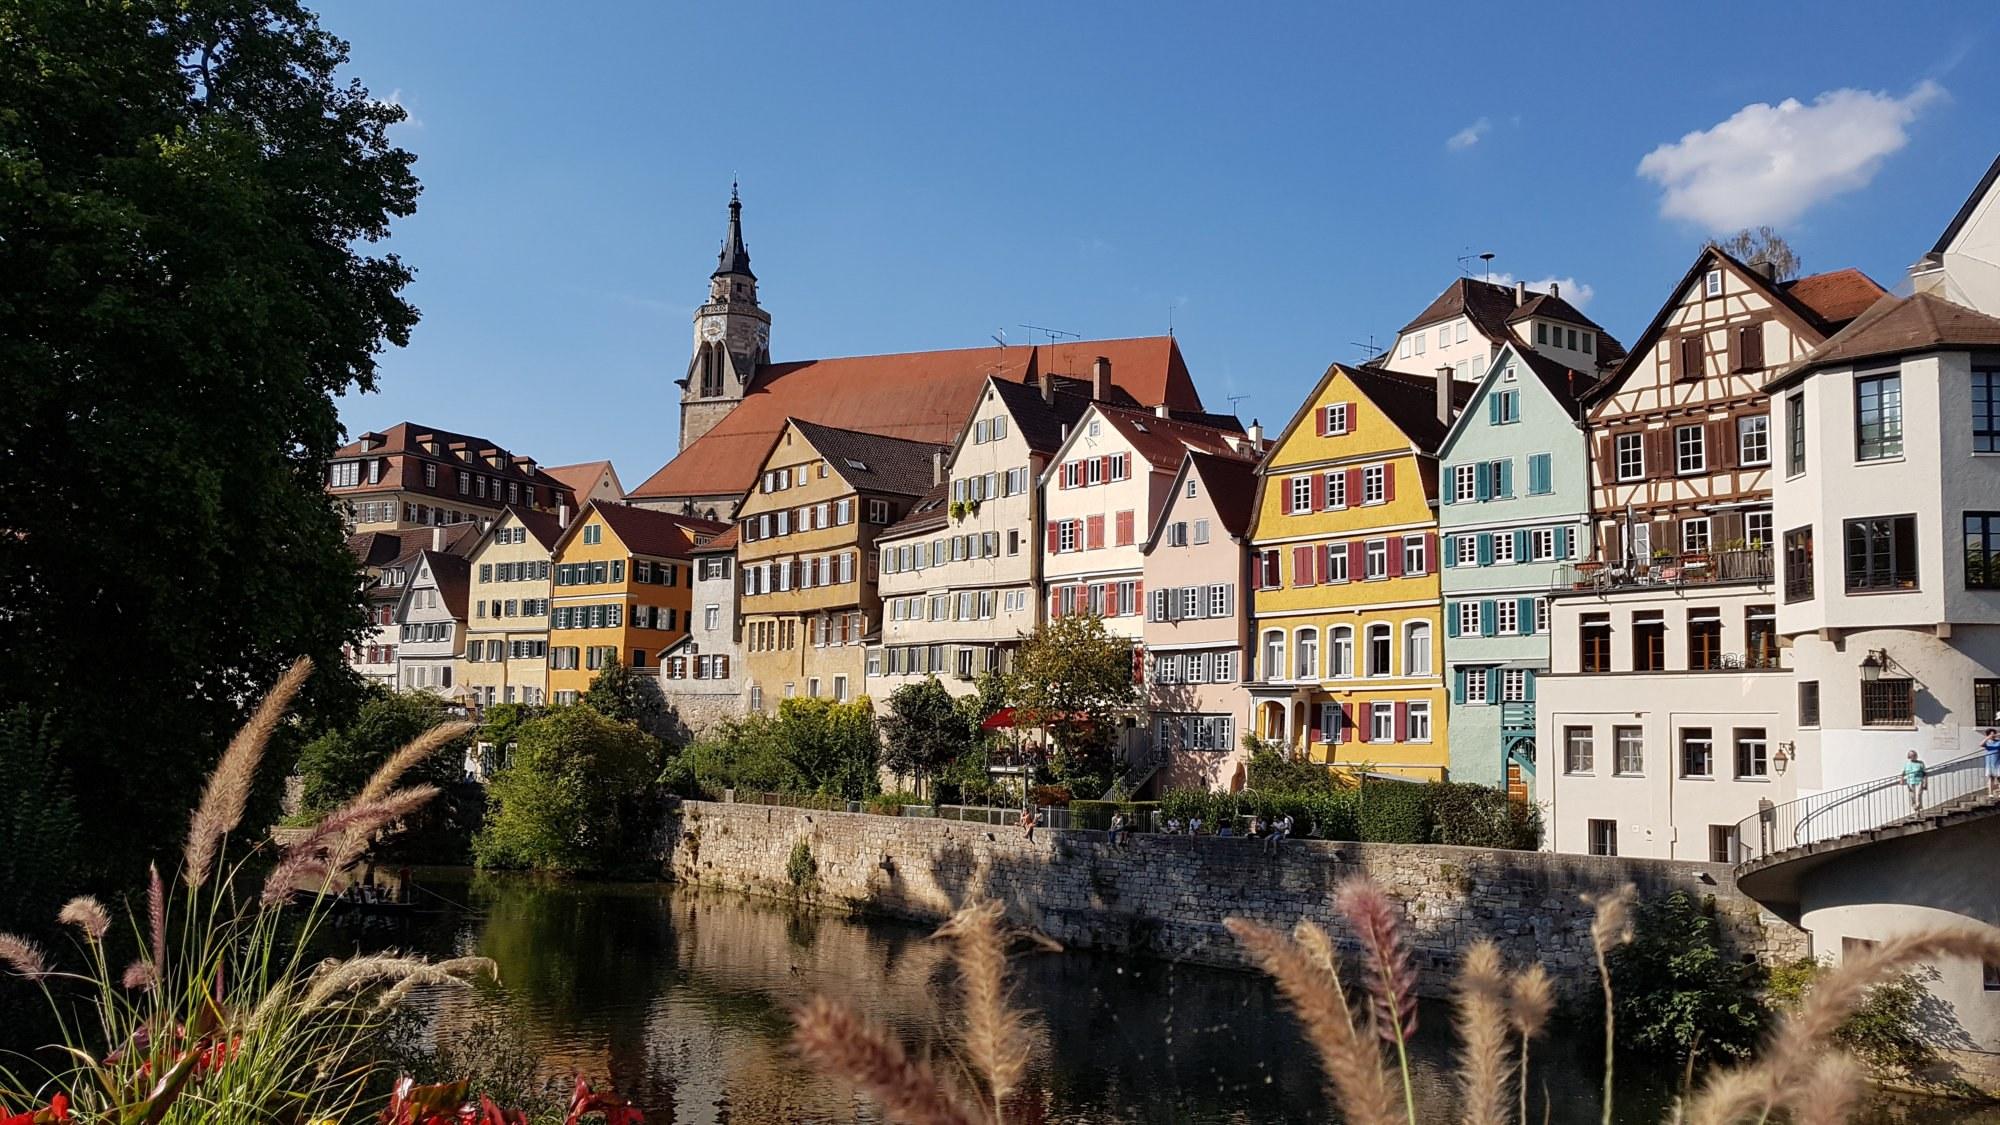 Altstadt Tübingen